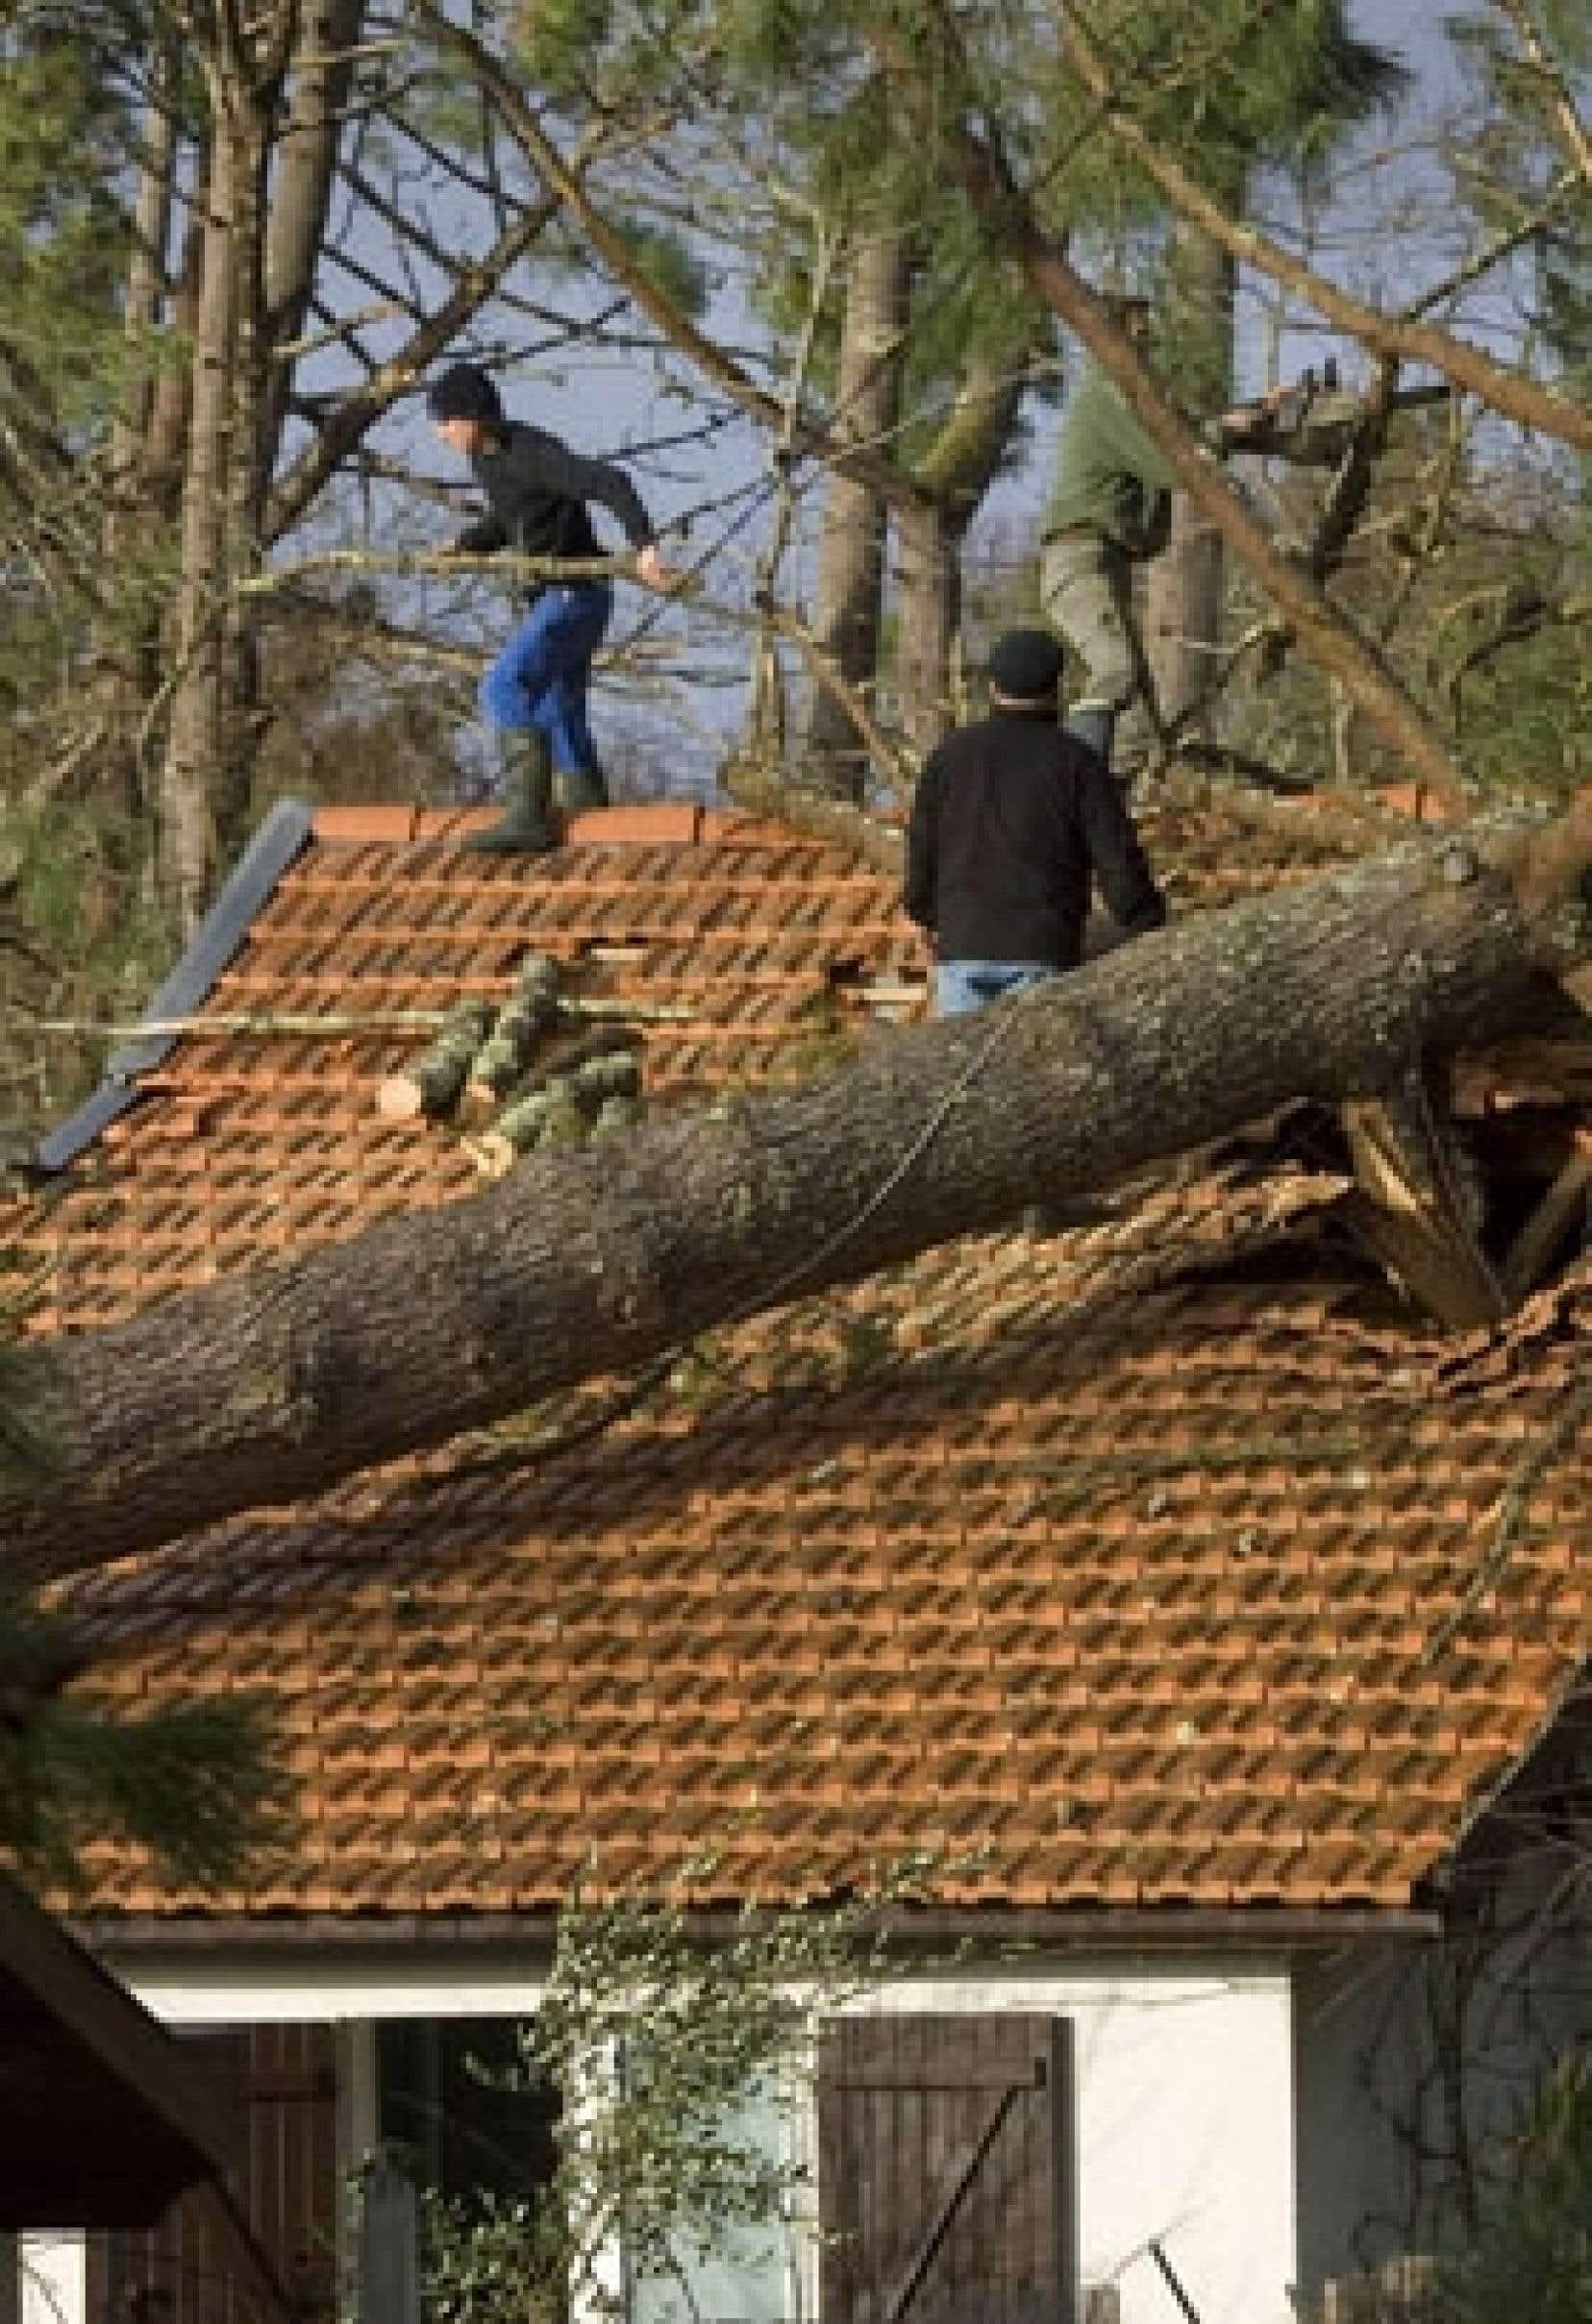 Des ouvriers s'affairent à enlever les branches d'un arbre tombé sur le toit en tuiles d'une maison de Cap-Ferret, dans le sud-ouest de la France, où les vents ont atteint jusqu'à 180 km/h.